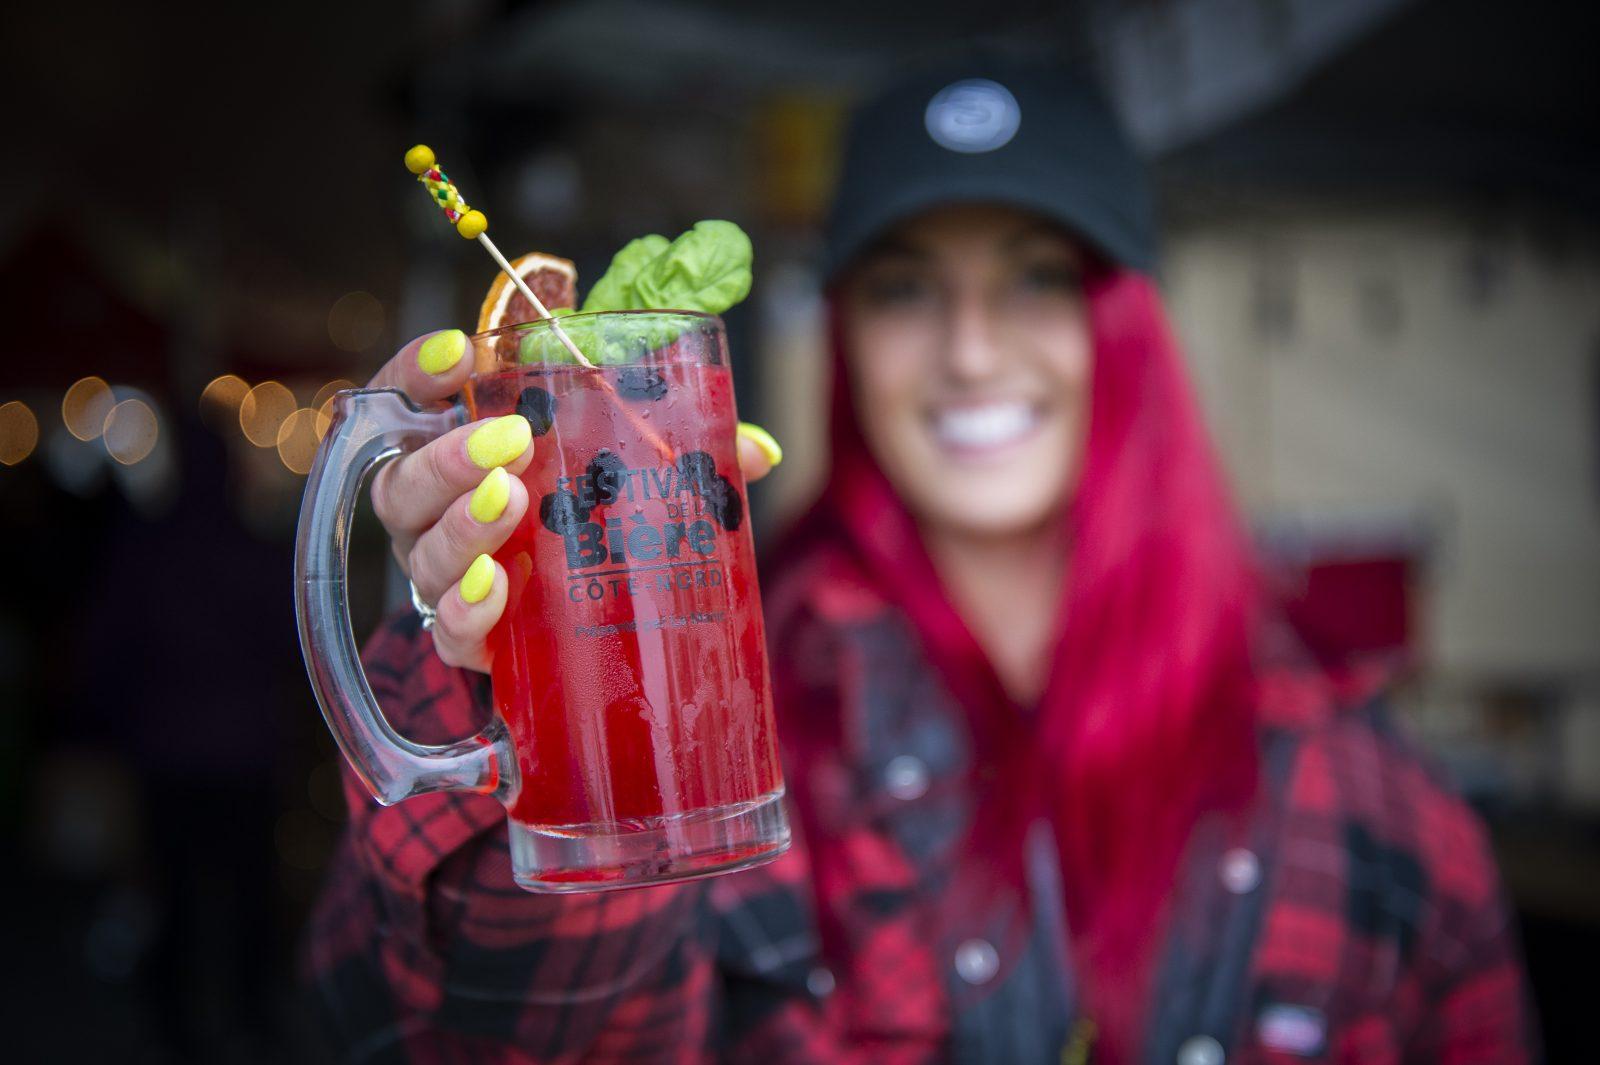 Les Nord-Côtiers consomment moins souvent d'alcool, mais avec plus d'excès